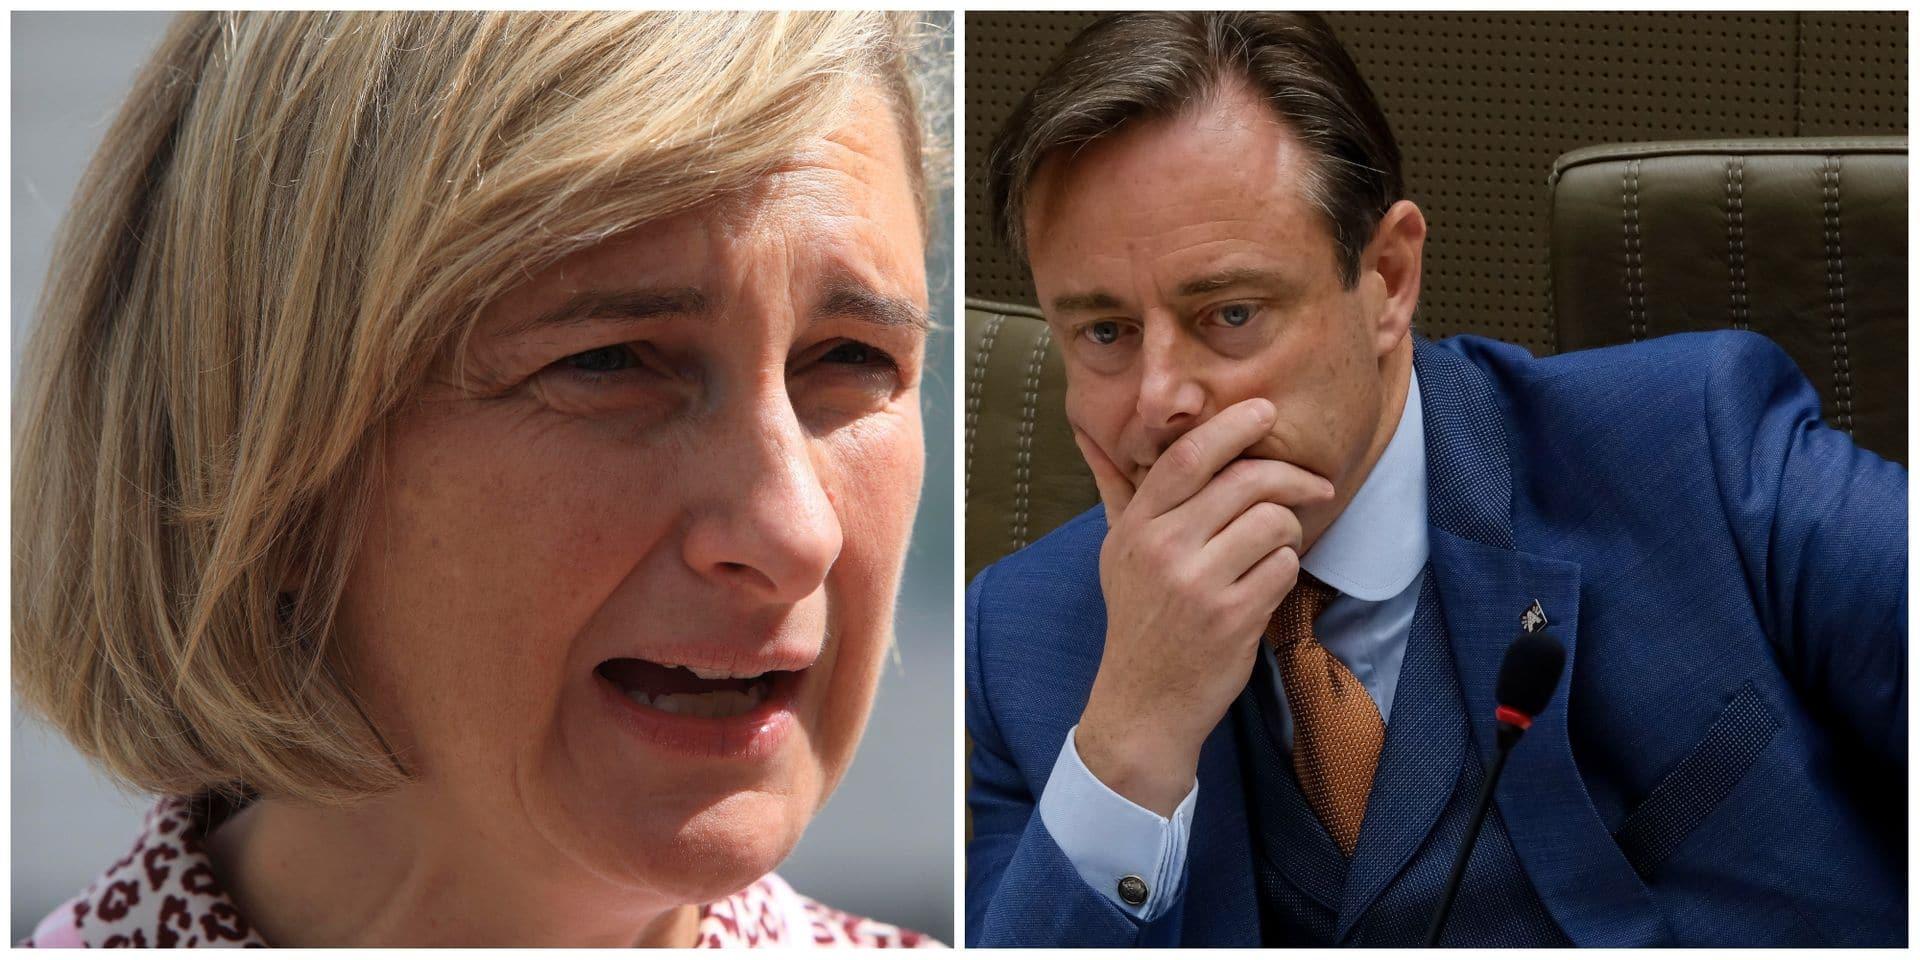 Négociations flamandes: le CD&V veut mettre les bouchées doubles... au grand dam de la N-VA